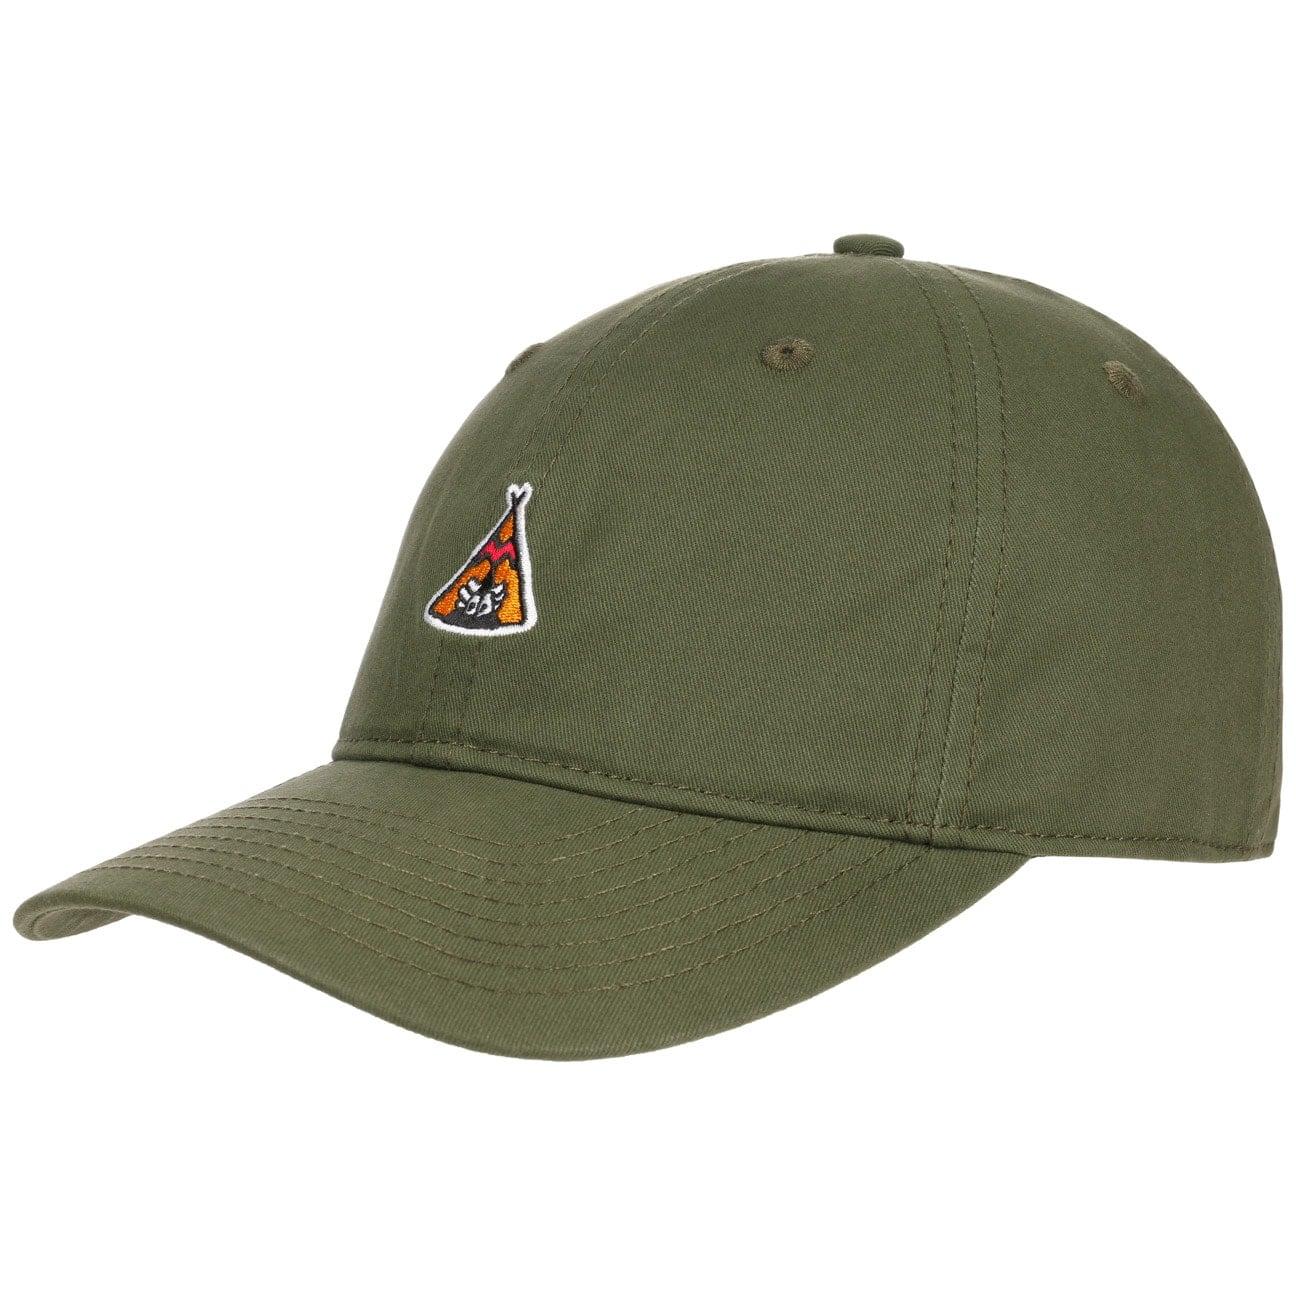 Gorra Fluky Emblem Strapback by element  gorra de baseball